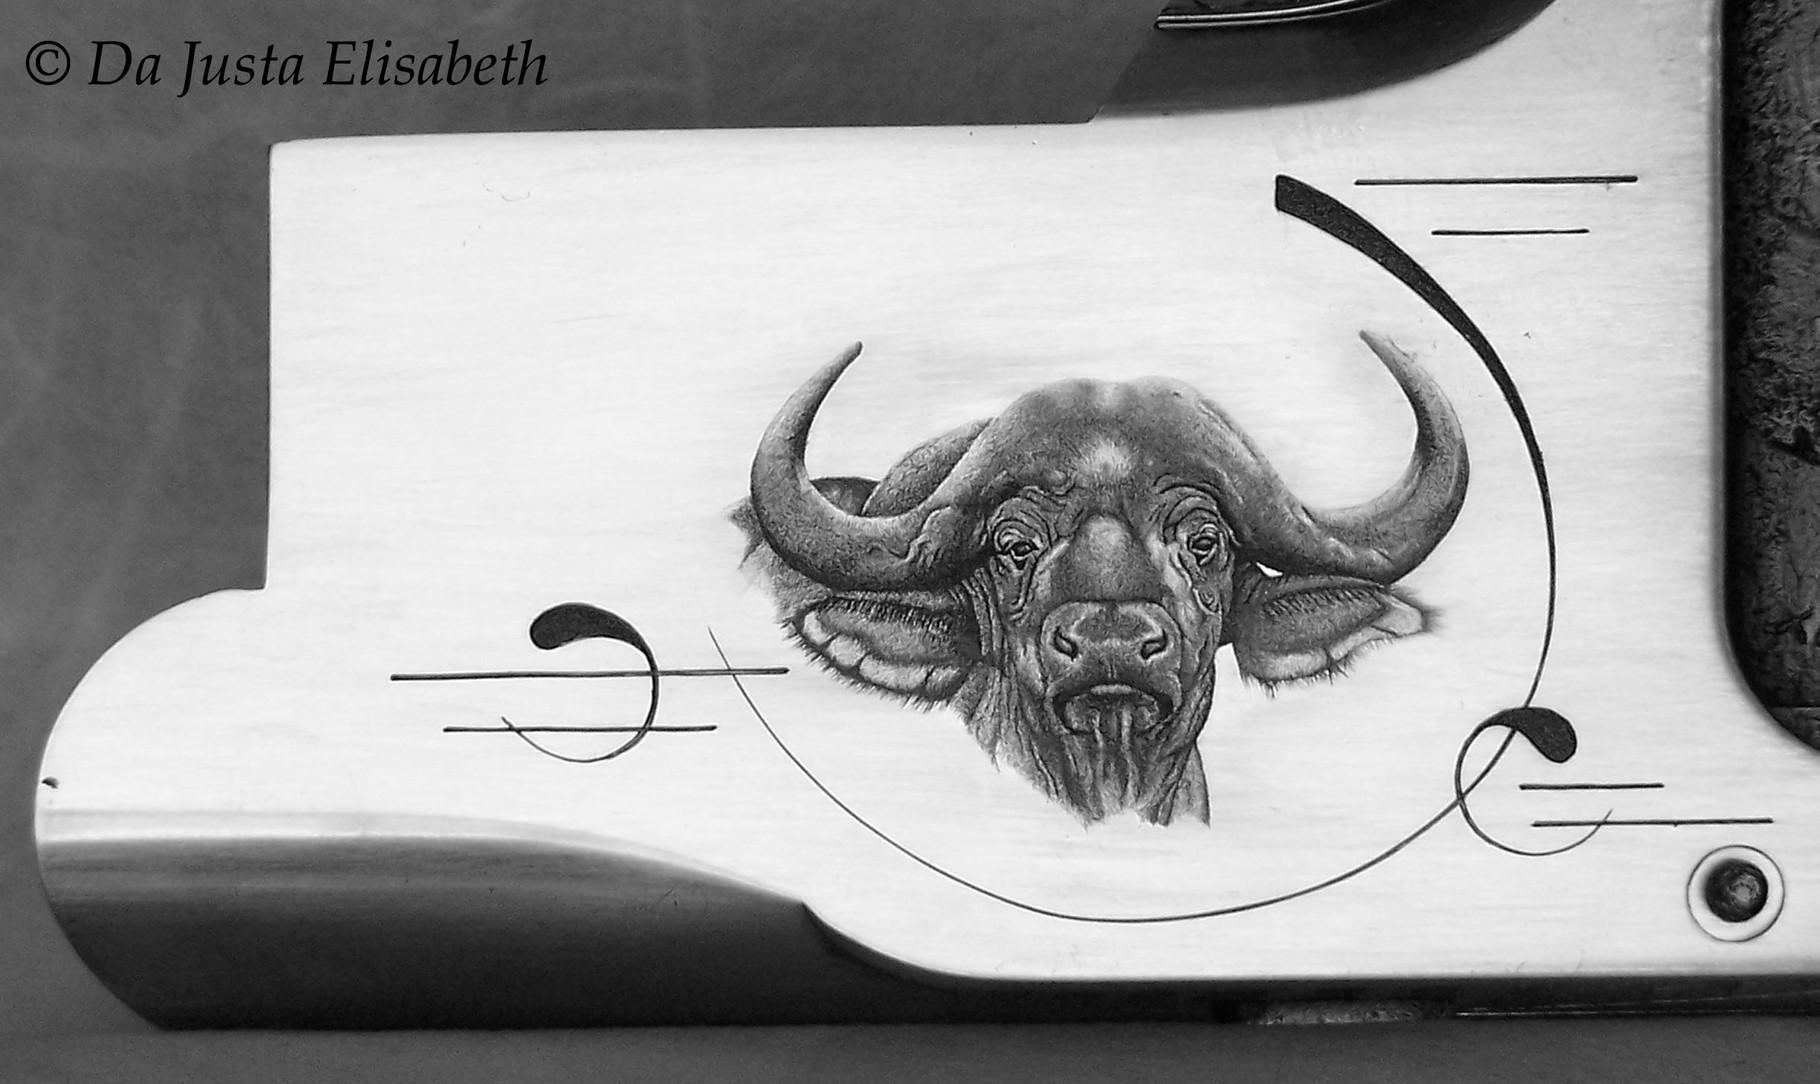 B25 & buffalo